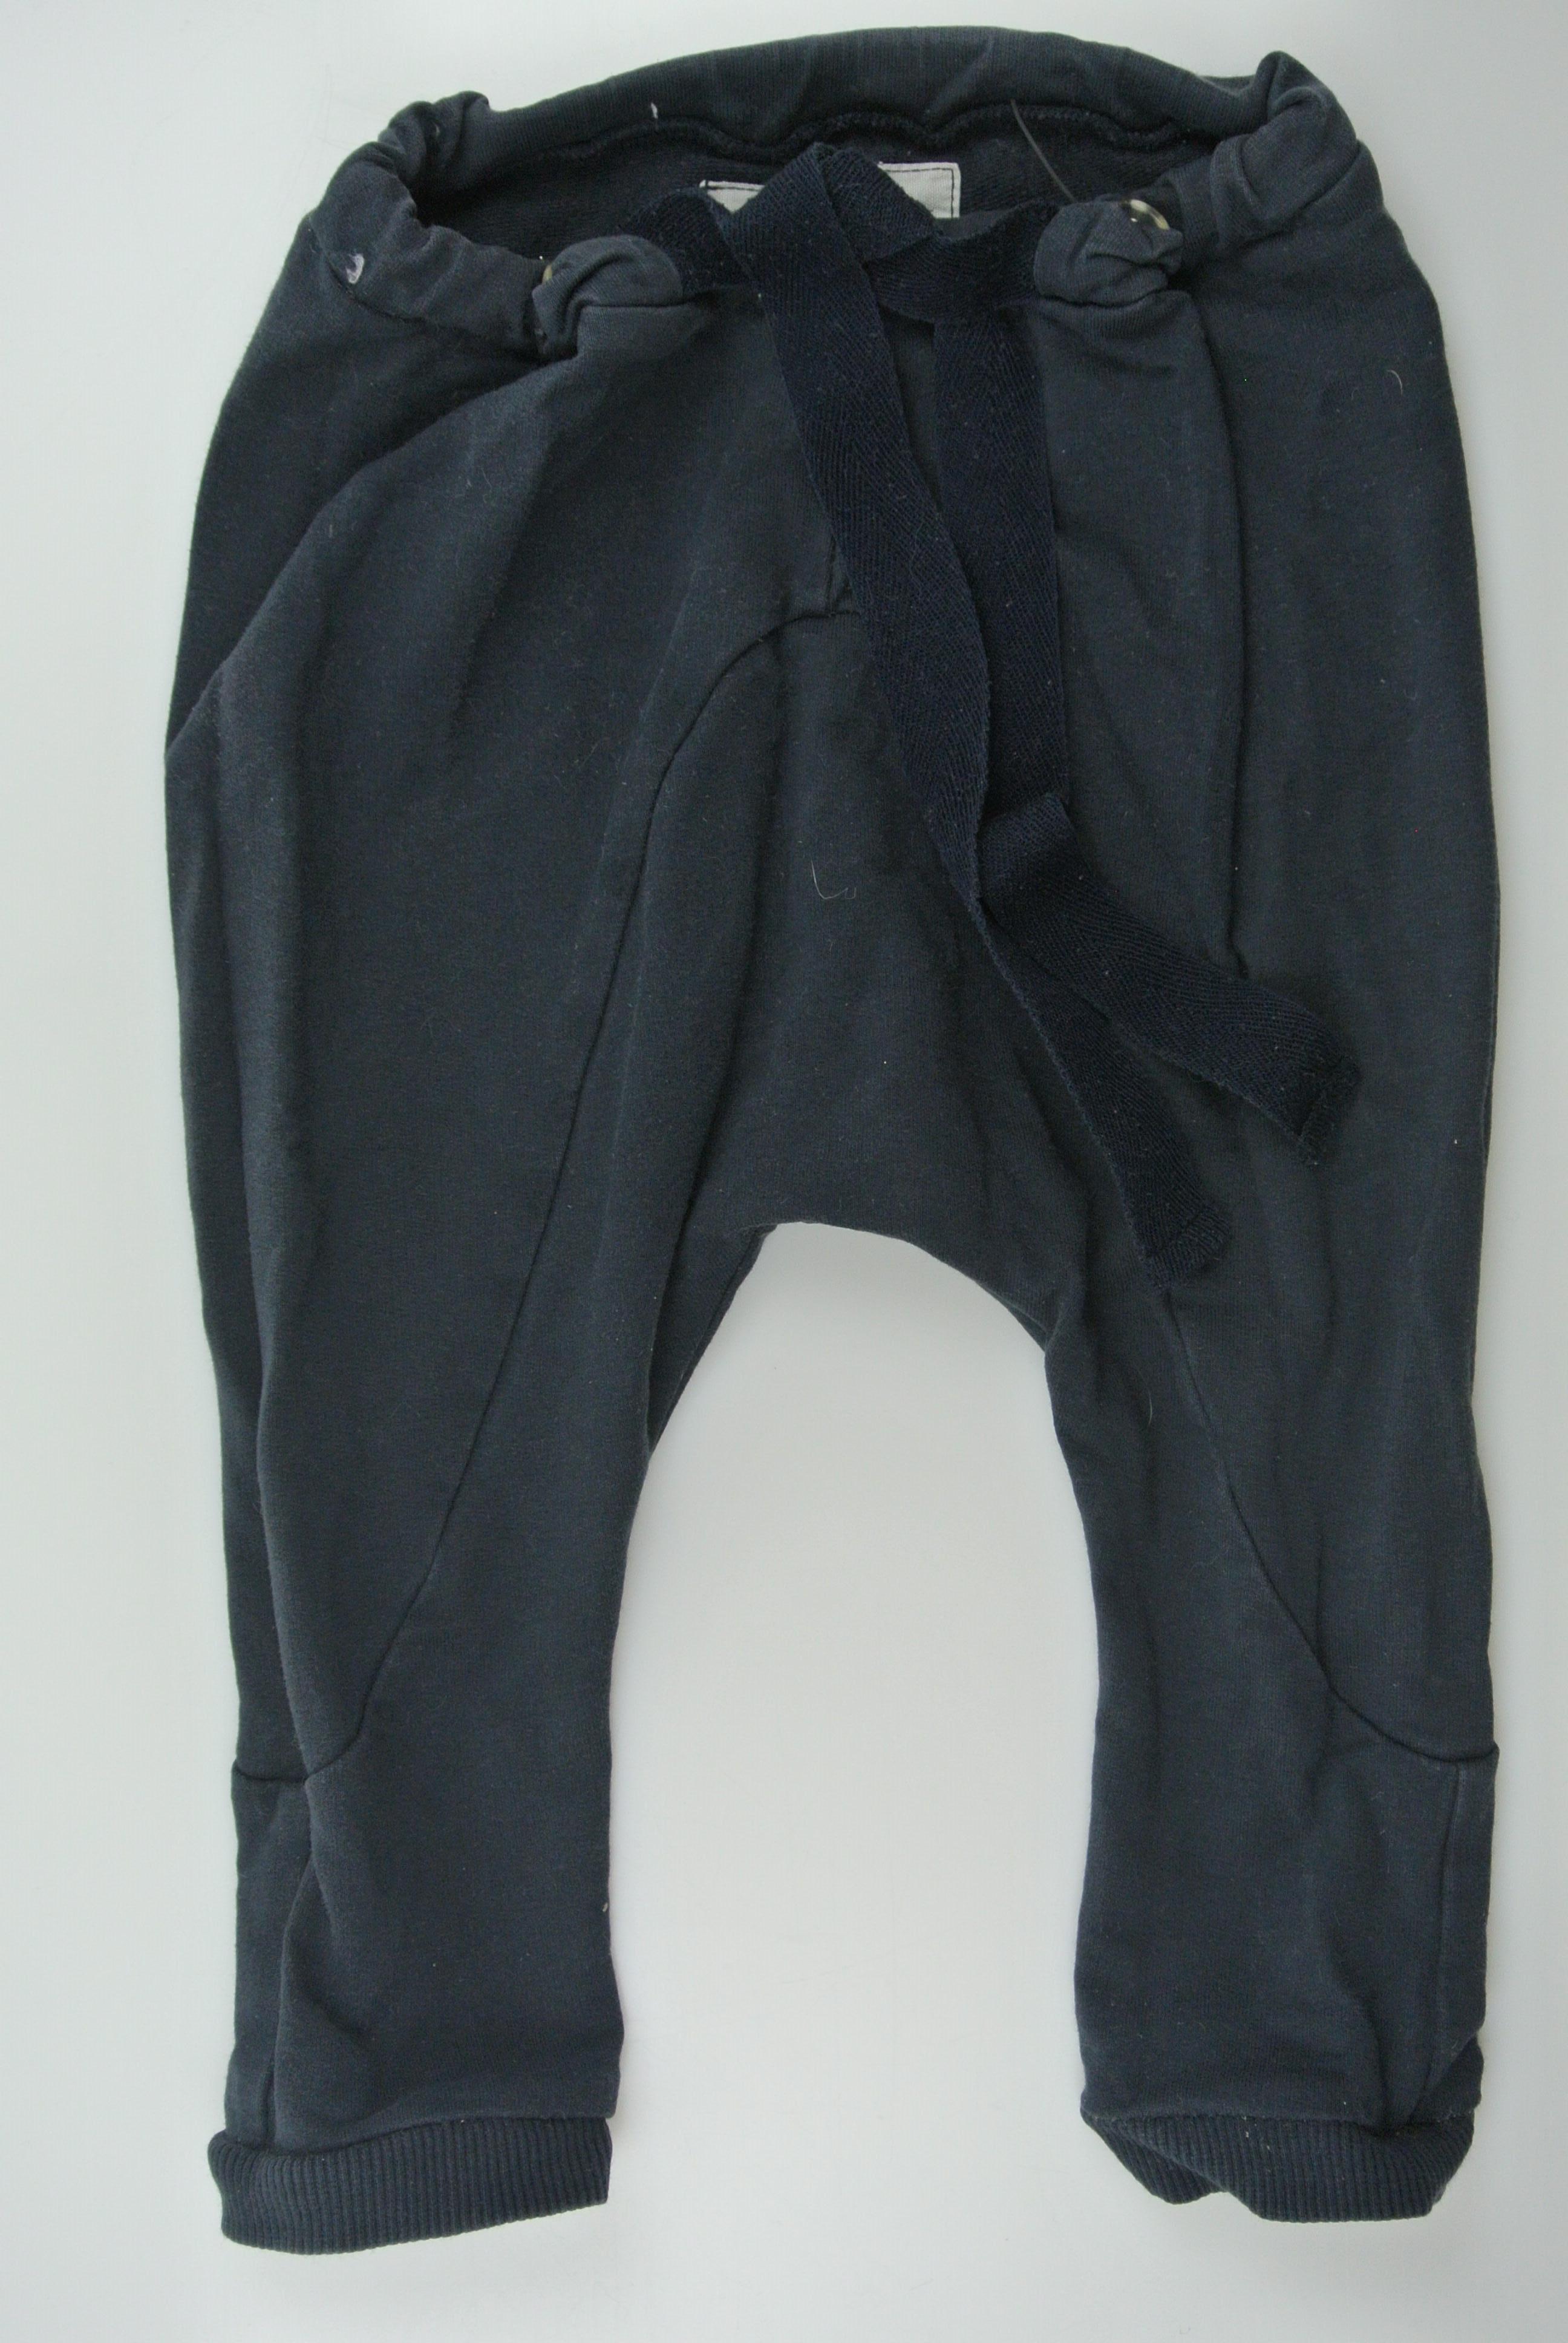 Gro bukser str 68 dreng